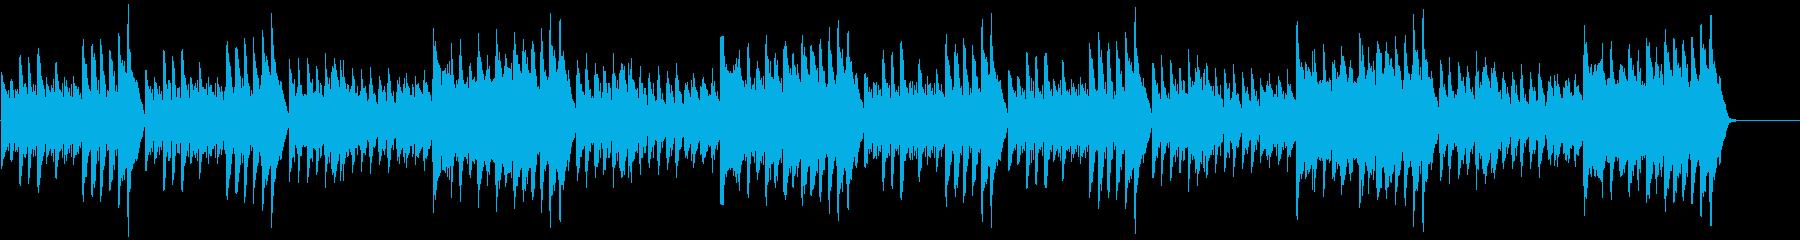 軽快さと重圧さが共存する『きらきら星』の再生済みの波形